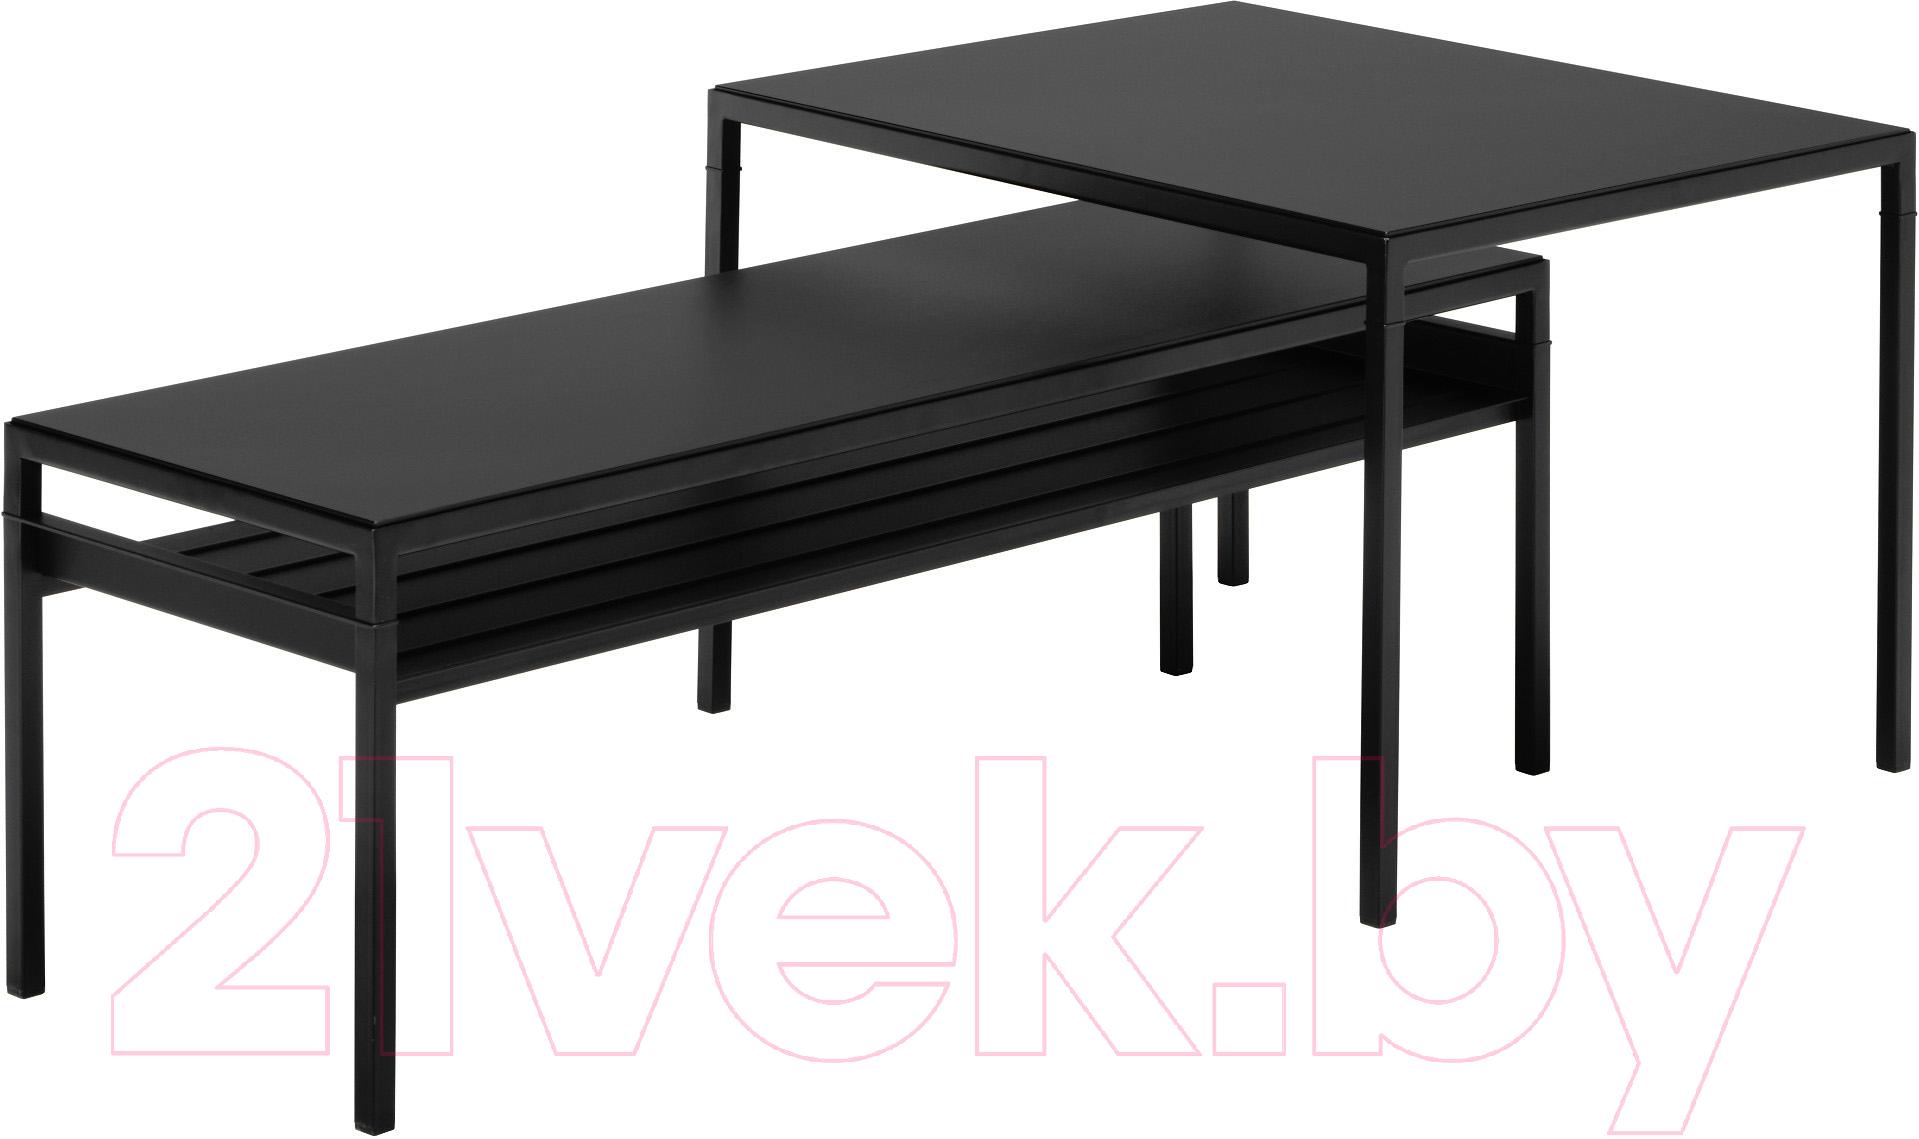 Купить Комплект журнальных столиков Ikea, Нибода 192.083.21, Швеция